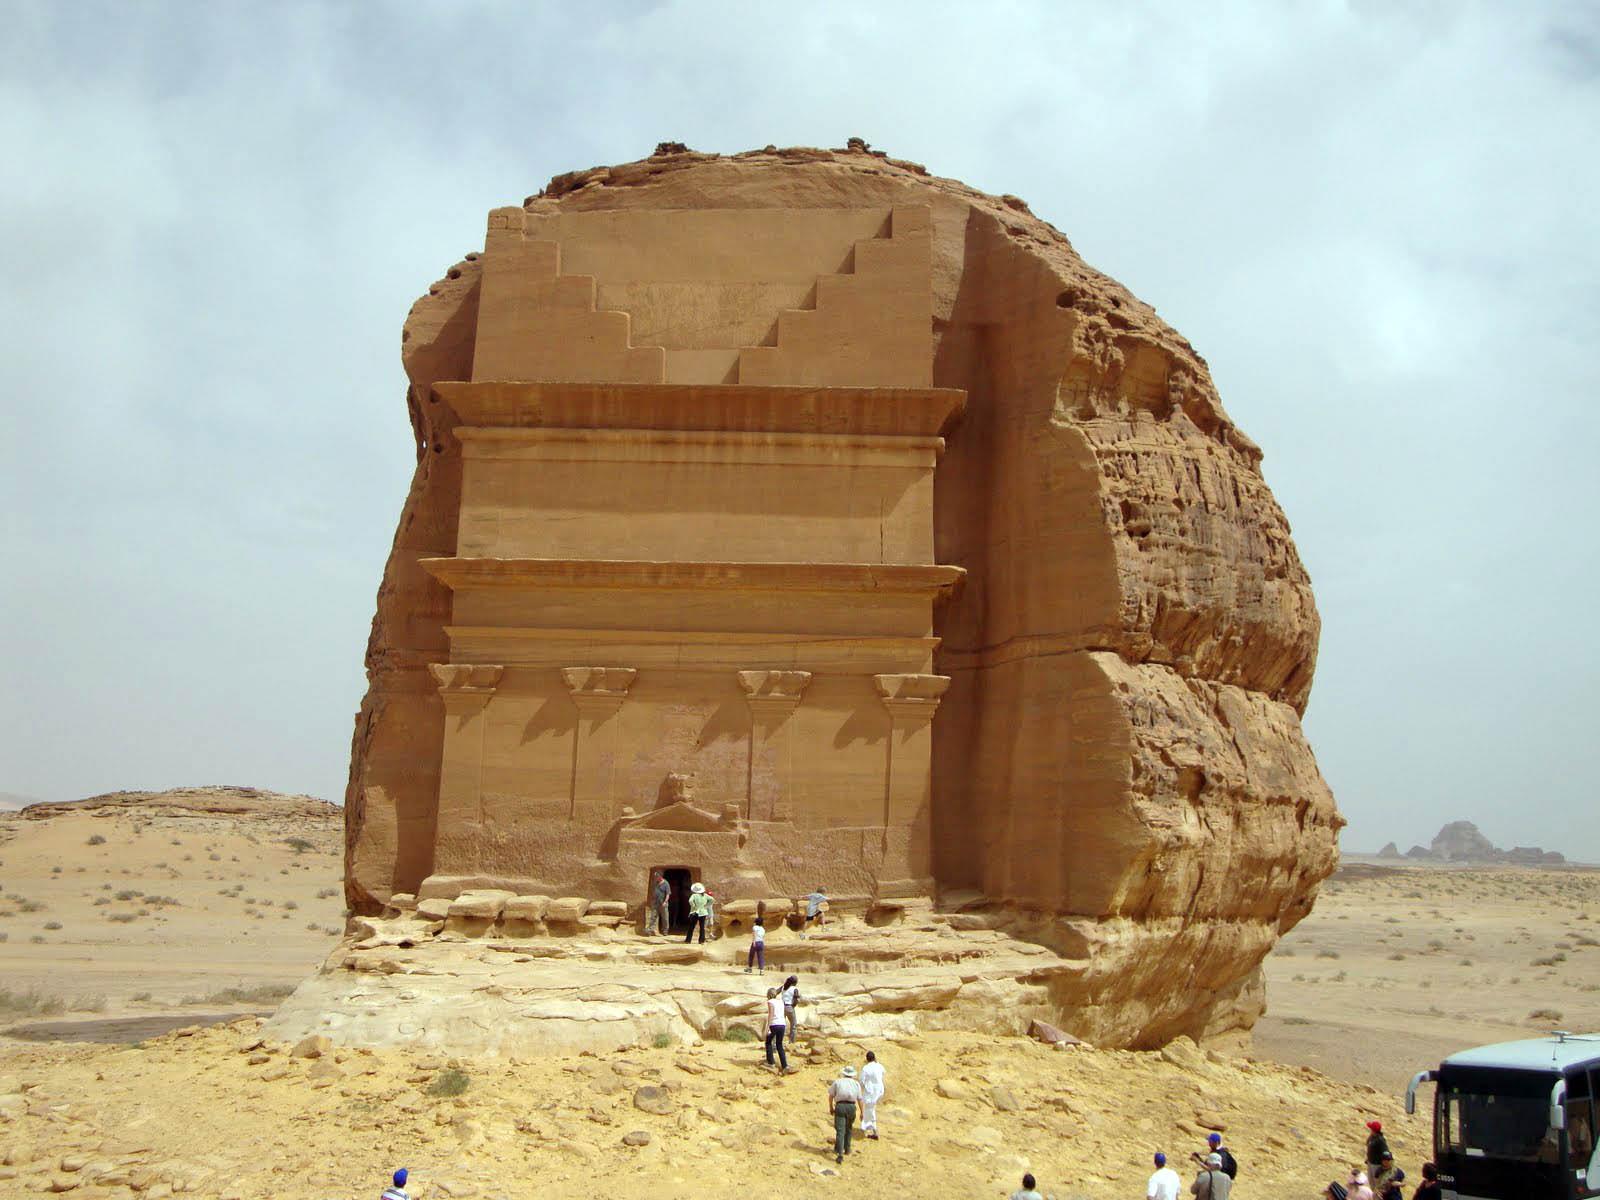 Arabie Saoudite : découvrez l'extraordinaire tombeau de Qasr al-Farid ! Par Clément P. Photomonde